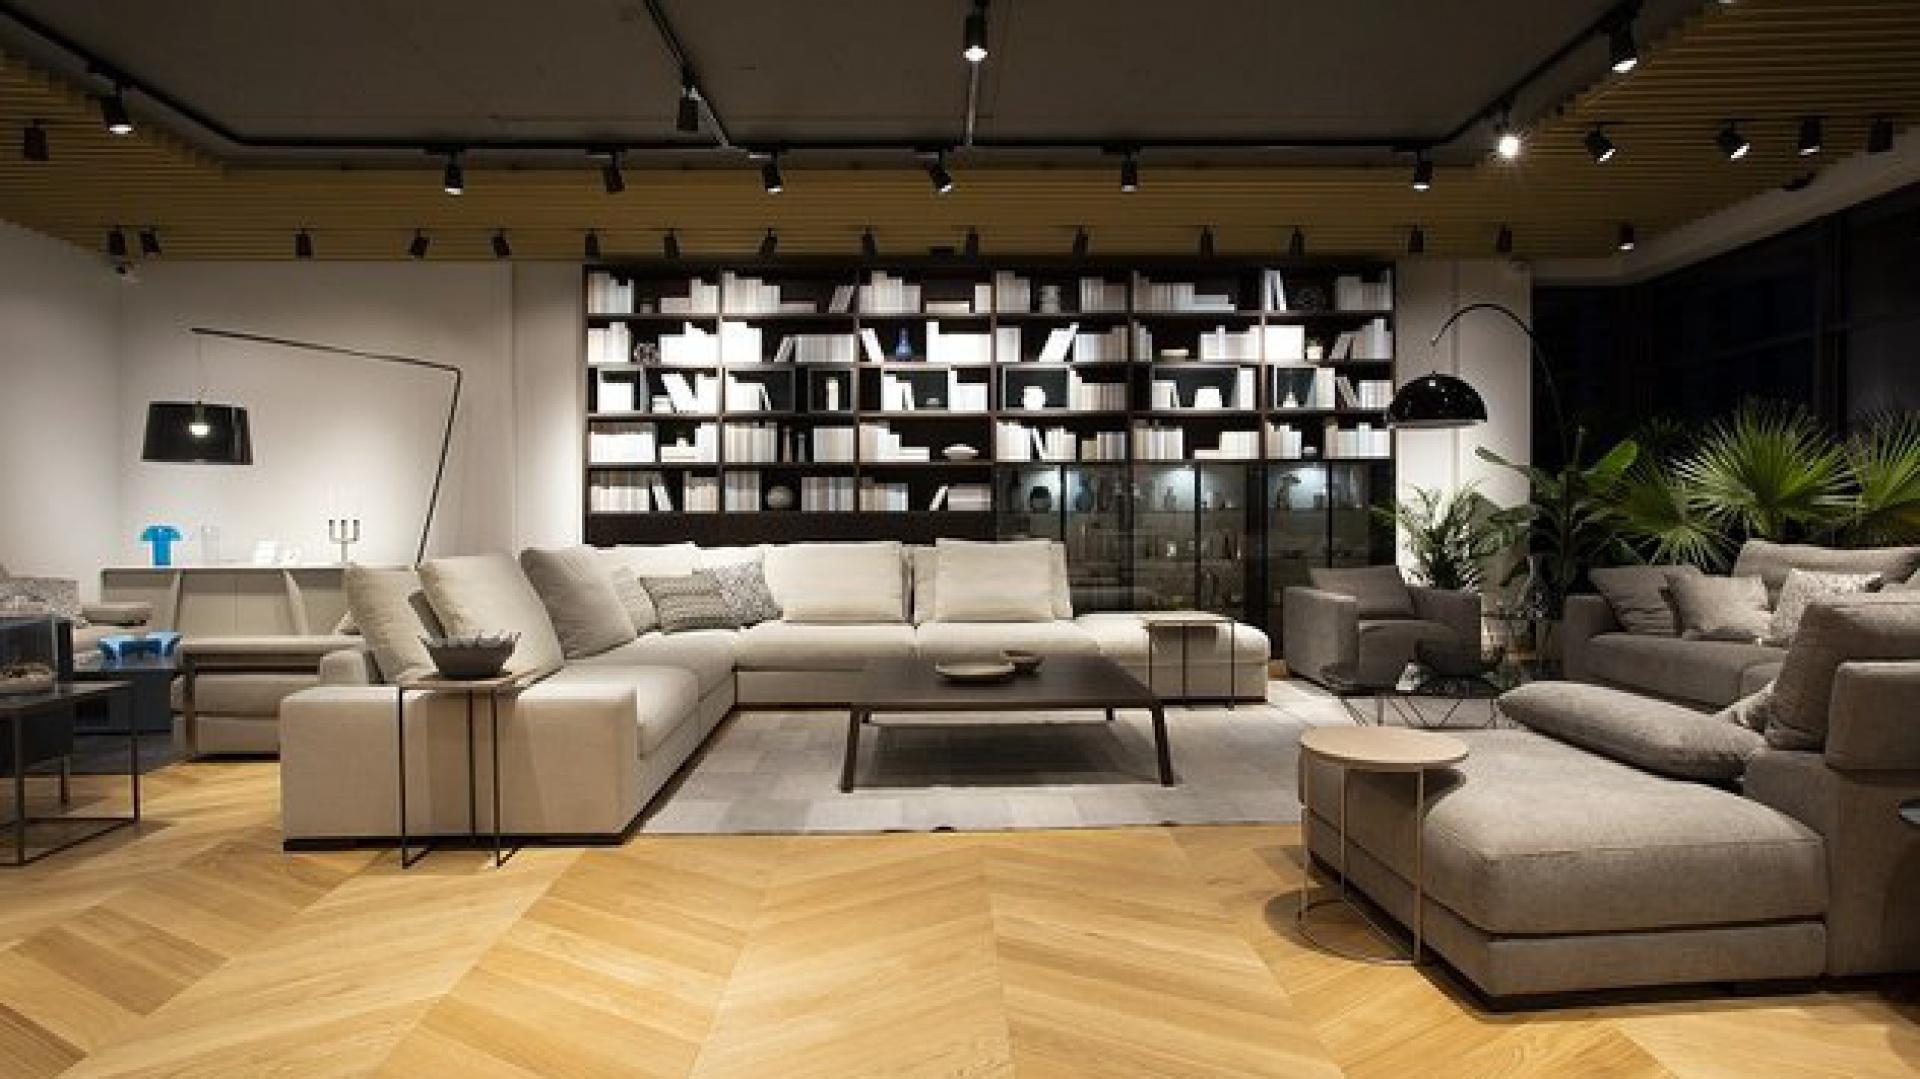 W planach jest organizowanie w salonie cyklicznych spotkań projektantów oraz architektów. Fot. Materiały prasowe